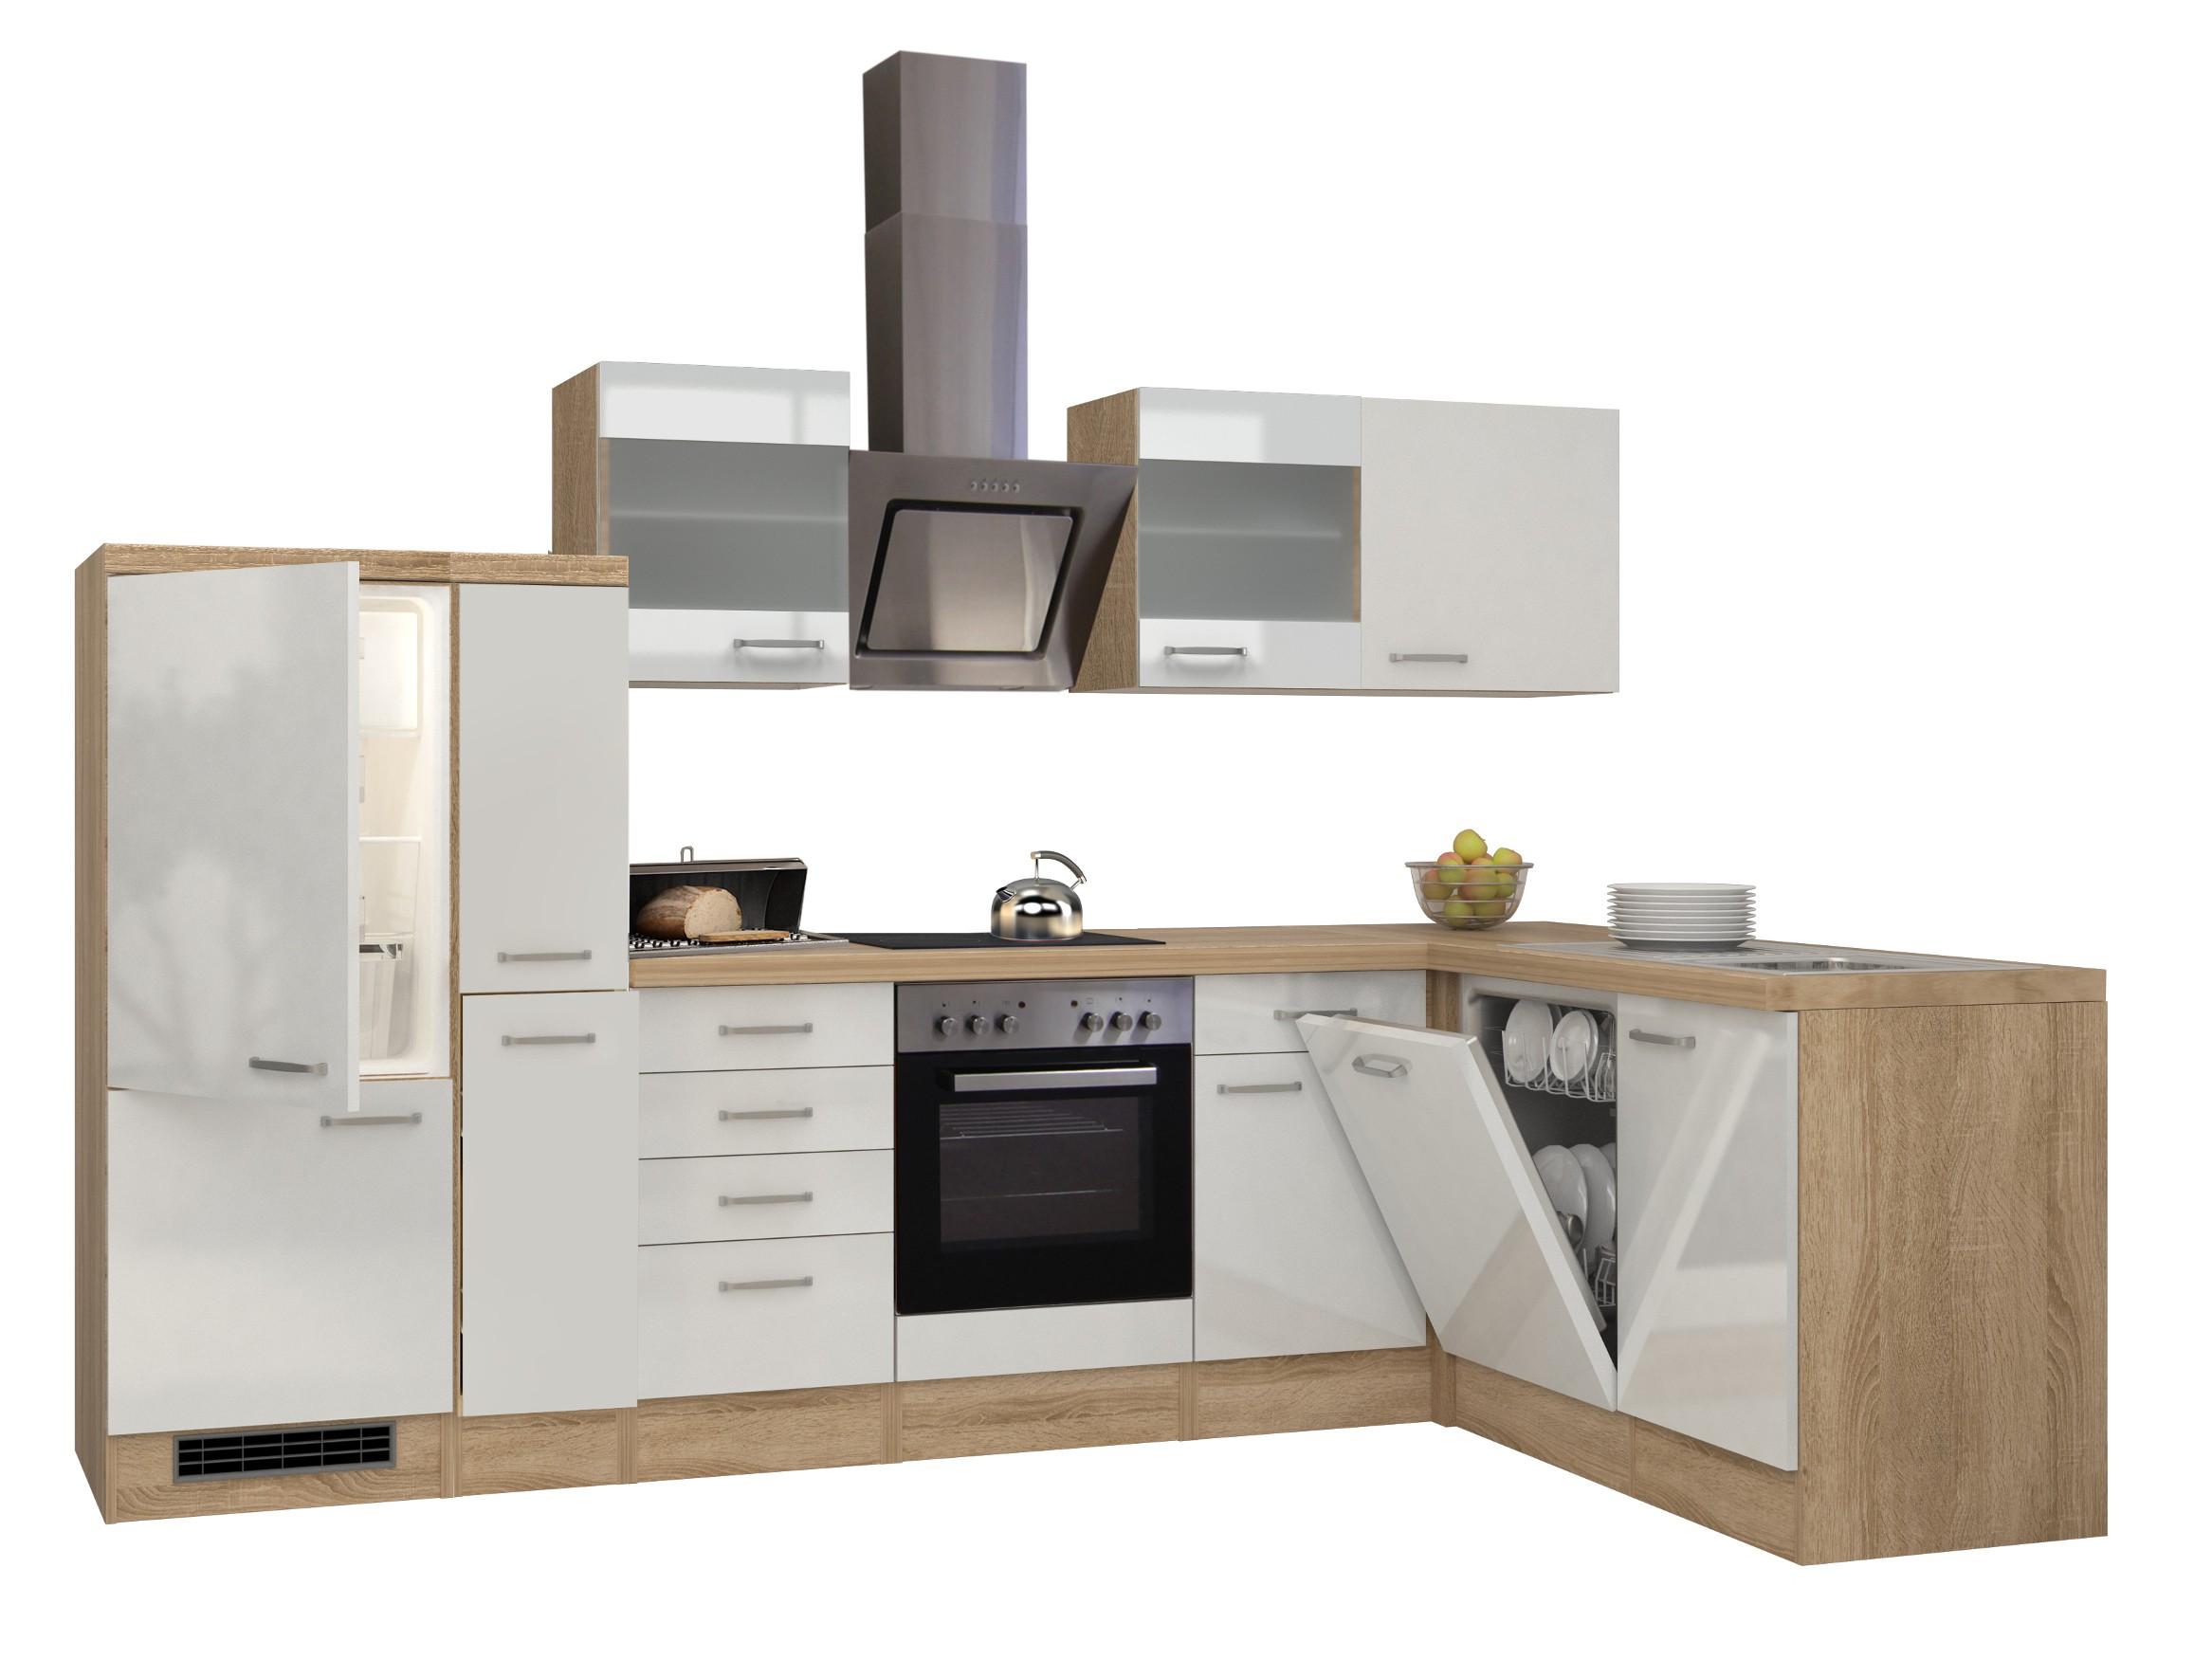 Full Size of Komplettküche Mit Geräten Günstig Kleine Komplettküche Einbauküche Ohne Kühlschrank Kaufen Günstige Komplettküche Küche Einbauküche Ohne Kühlschrank